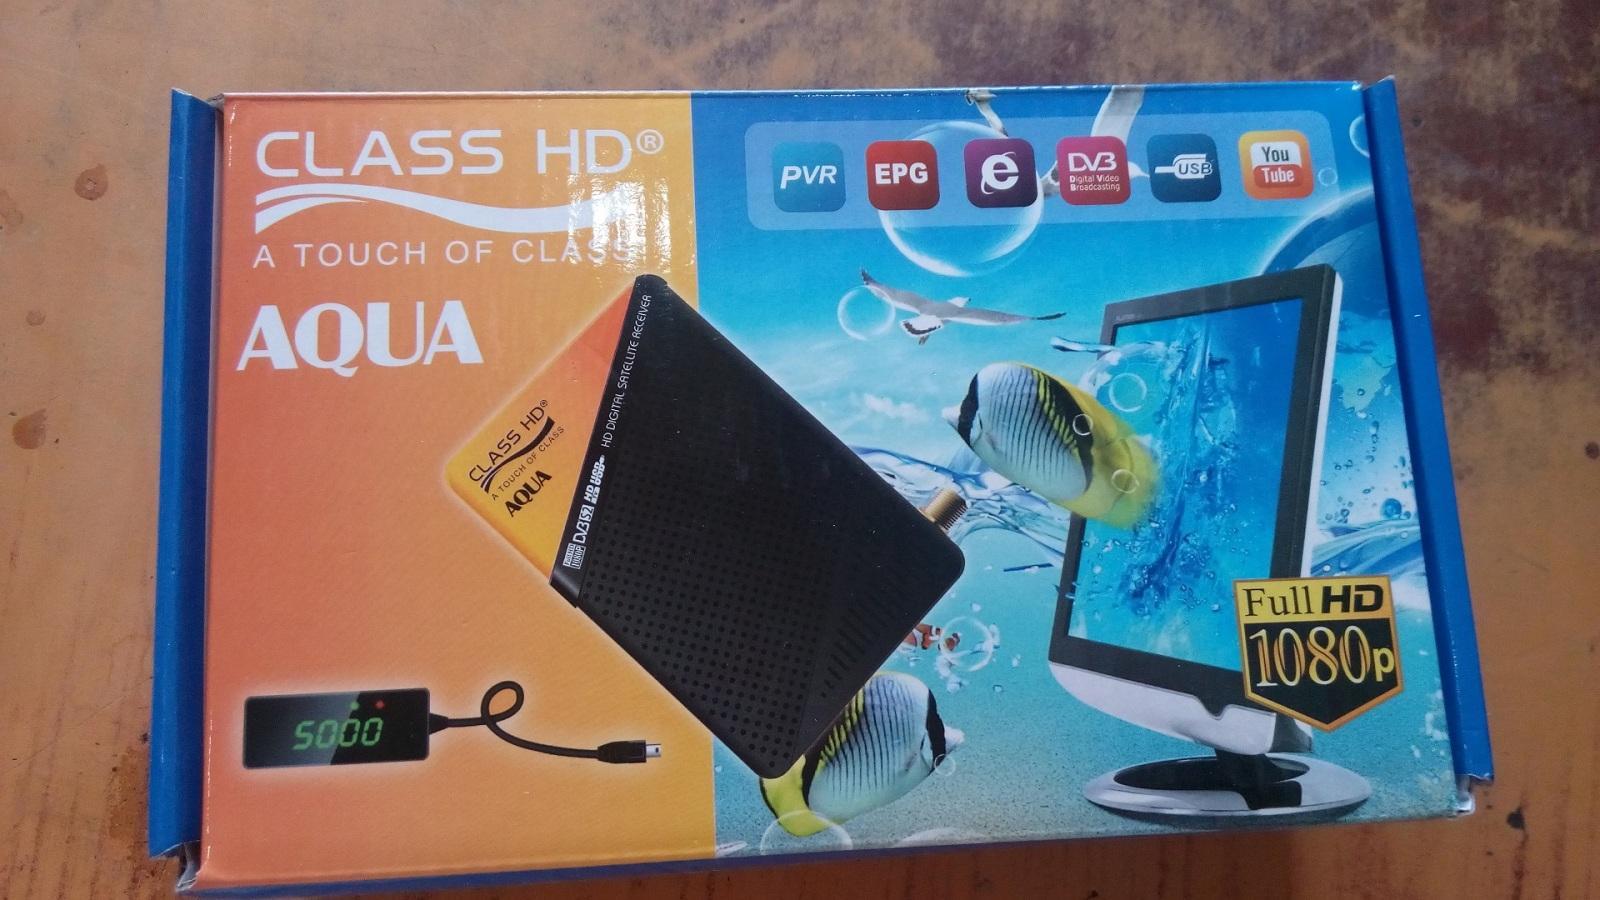 Class HD A Touch Of Class Aqua Dump